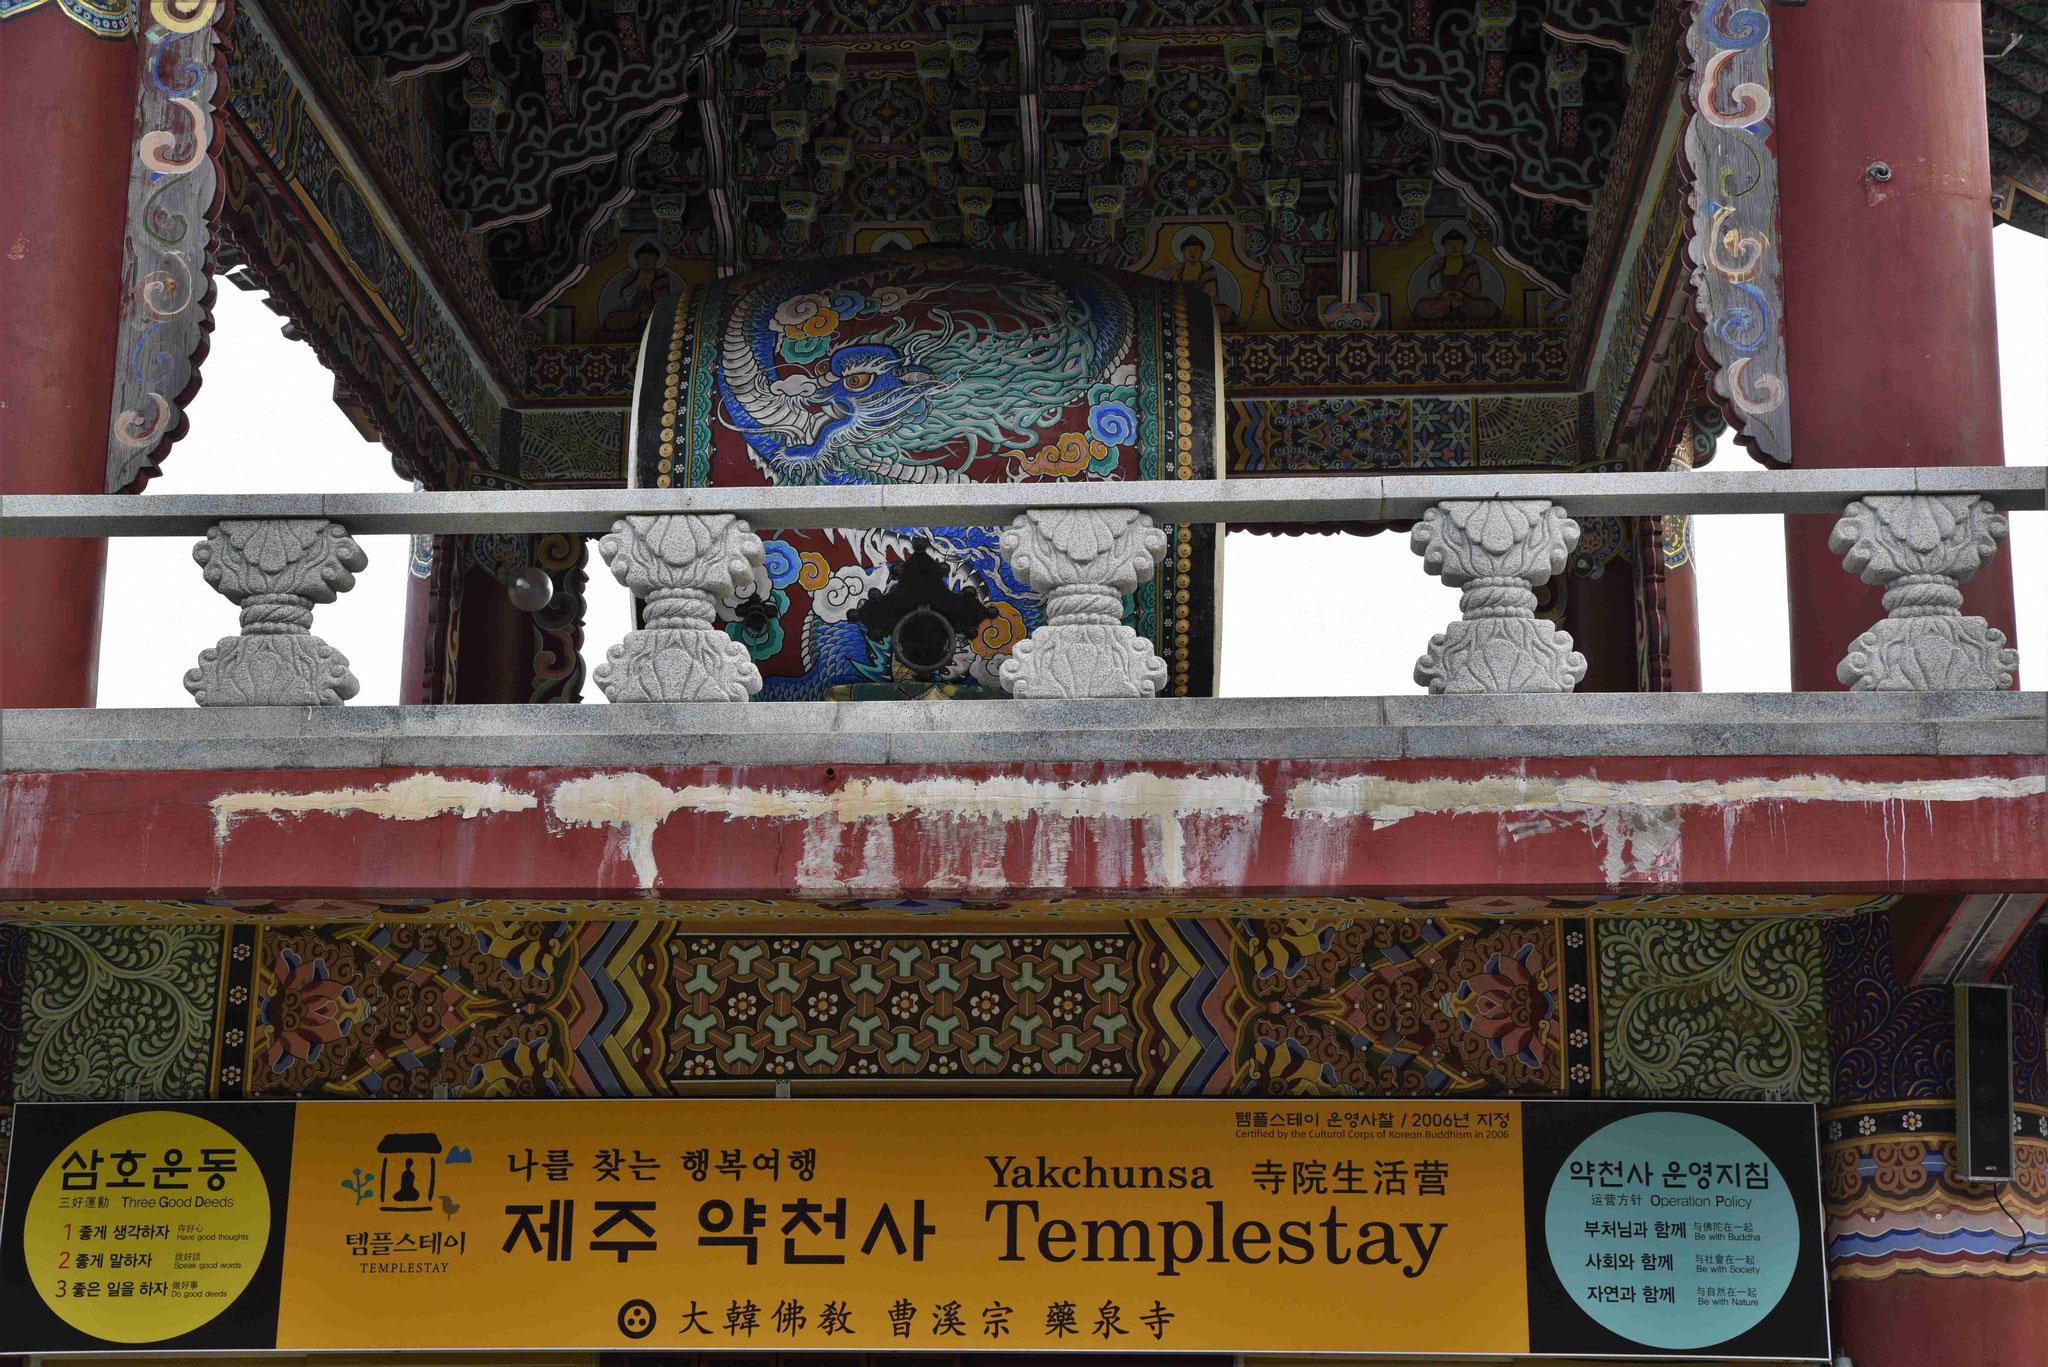 """Beim nächsten Mal vielleicht auch einen """"tempelstay"""" einplanen?"""